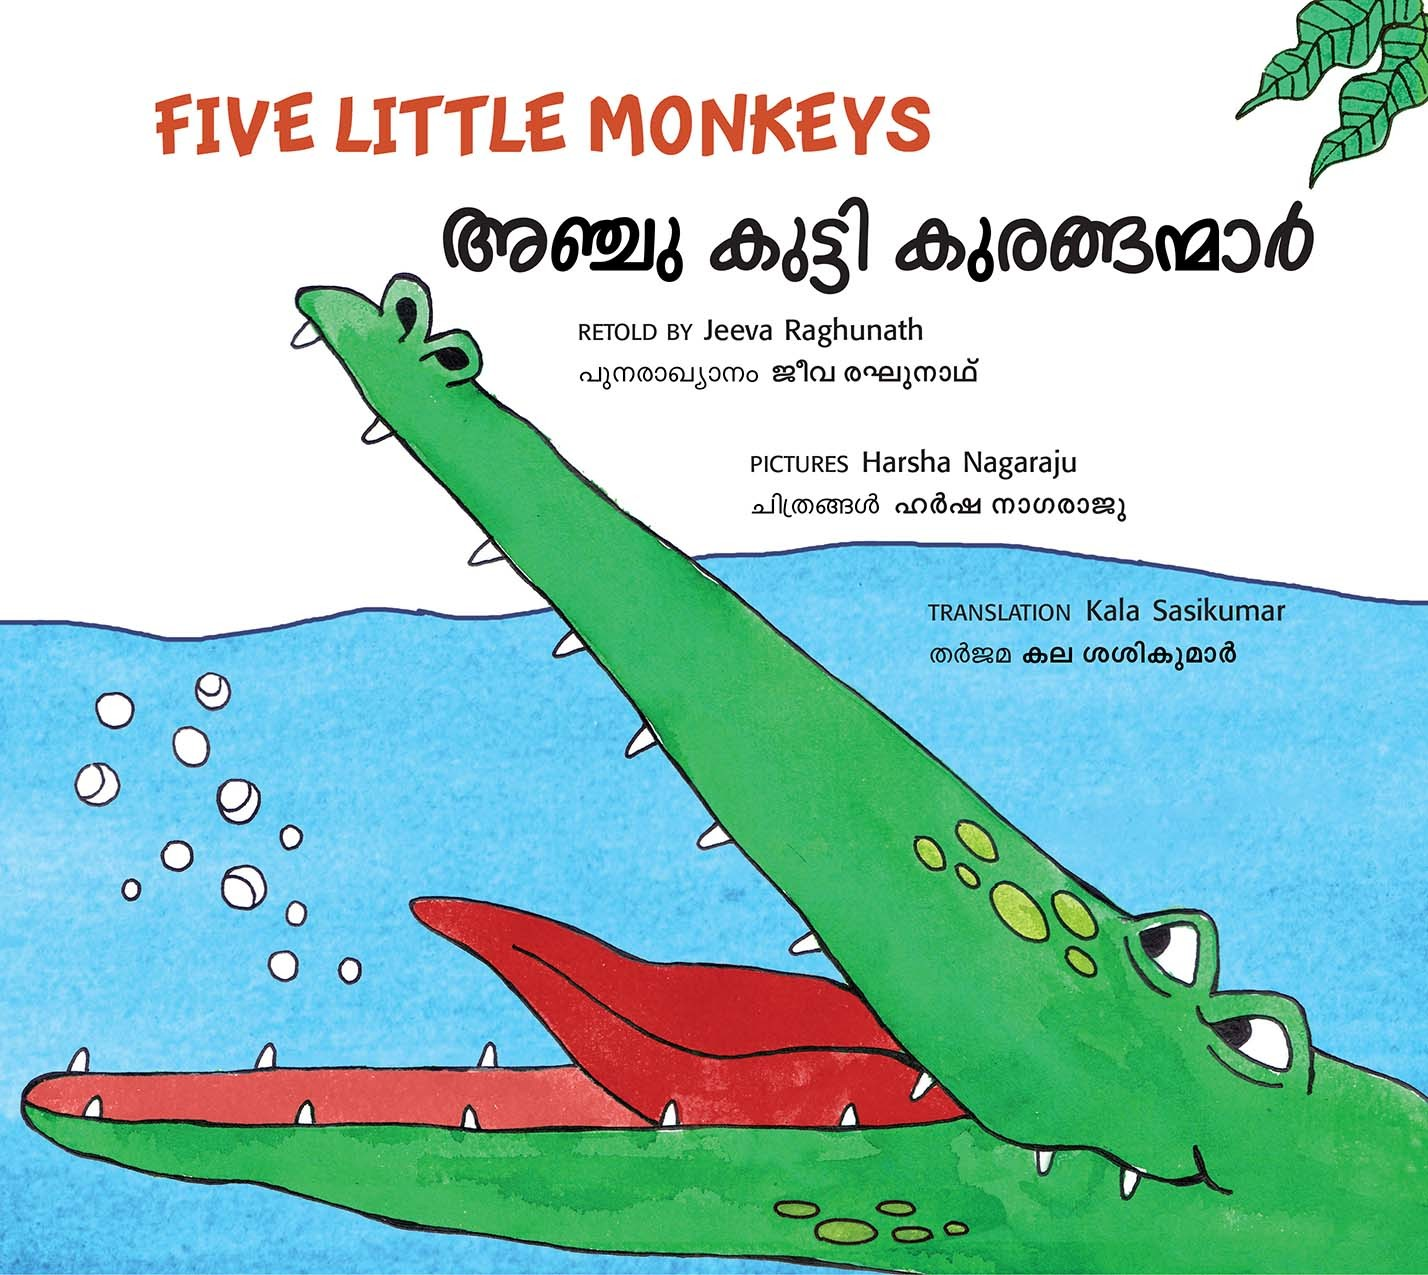 Five Little Monkeys/Anju Kutti Kuranganmaar (English-Malayalam)